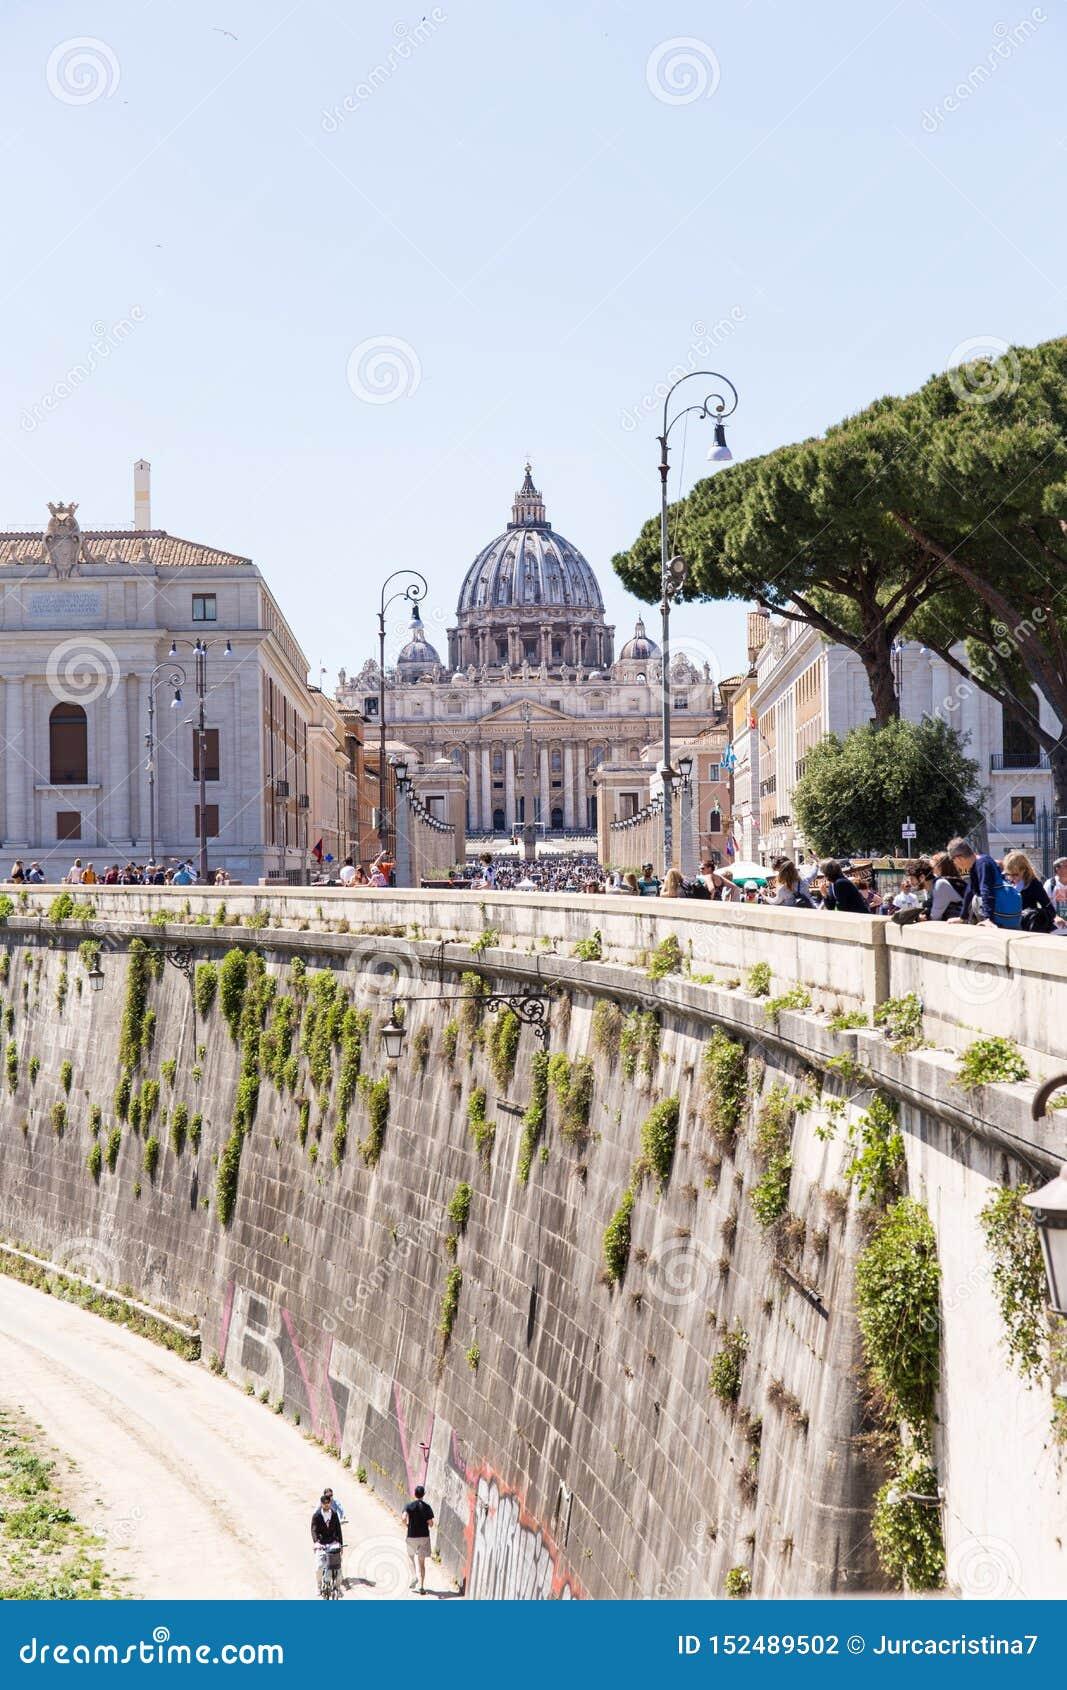 ROMA, ITALIA - 27 DE ABRIL DE 2019: Visión desde la distancia de la basílica de San Pedro del borde de Tíber